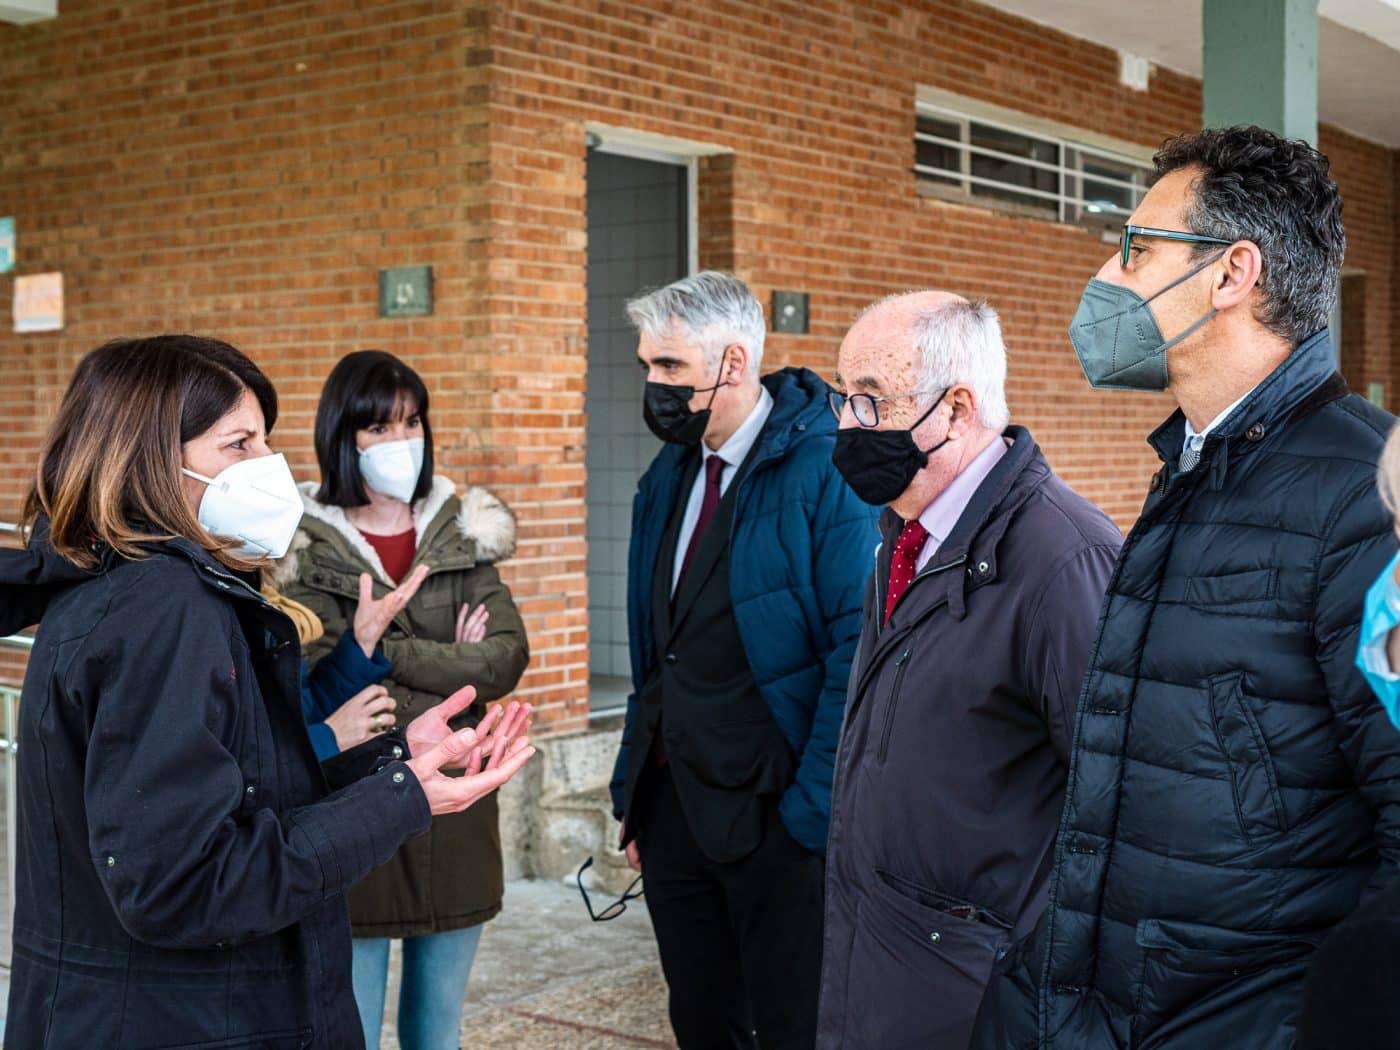 La Rioja invertirá 300.000 euros en iniciar el proyecto de ampliación del CEIP Hermosilla de Santo Domingo 2